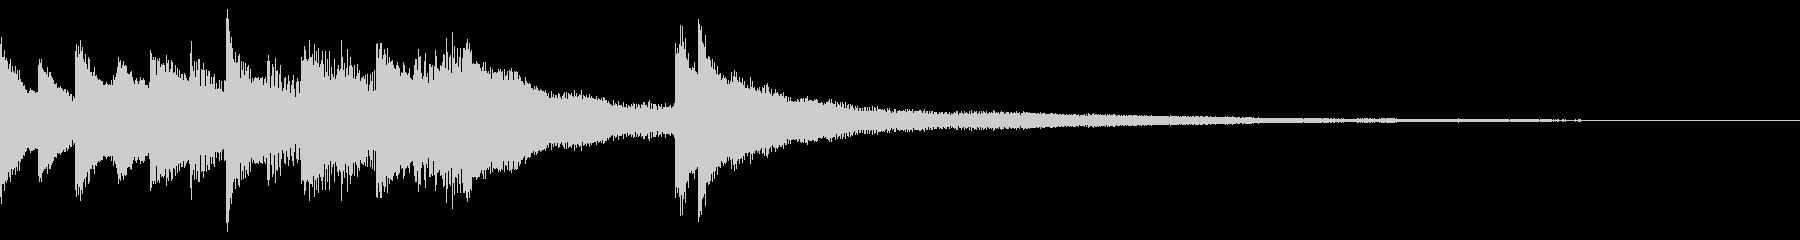 しっとり大人な雰囲気のピアノジングルB2の未再生の波形